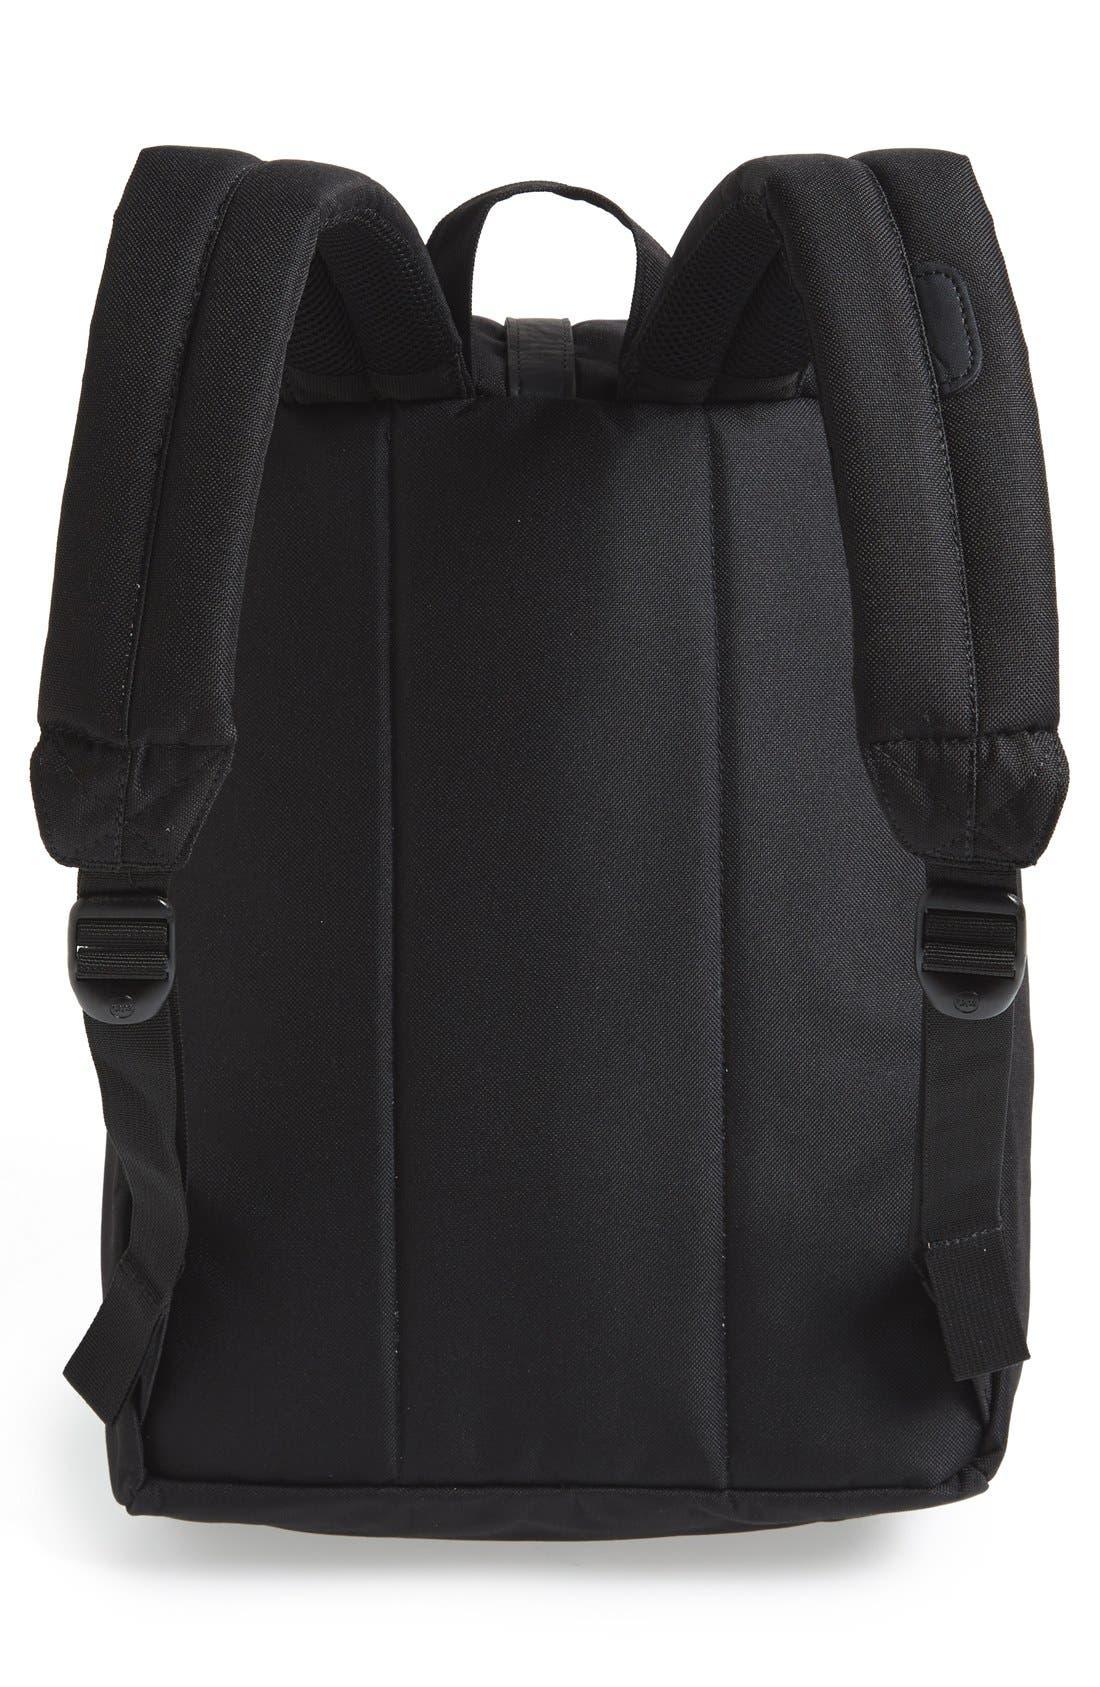 Alternate Image 4  - Herschel Supply Co. 'Post' Backpack (Nordstrom Exclusive)